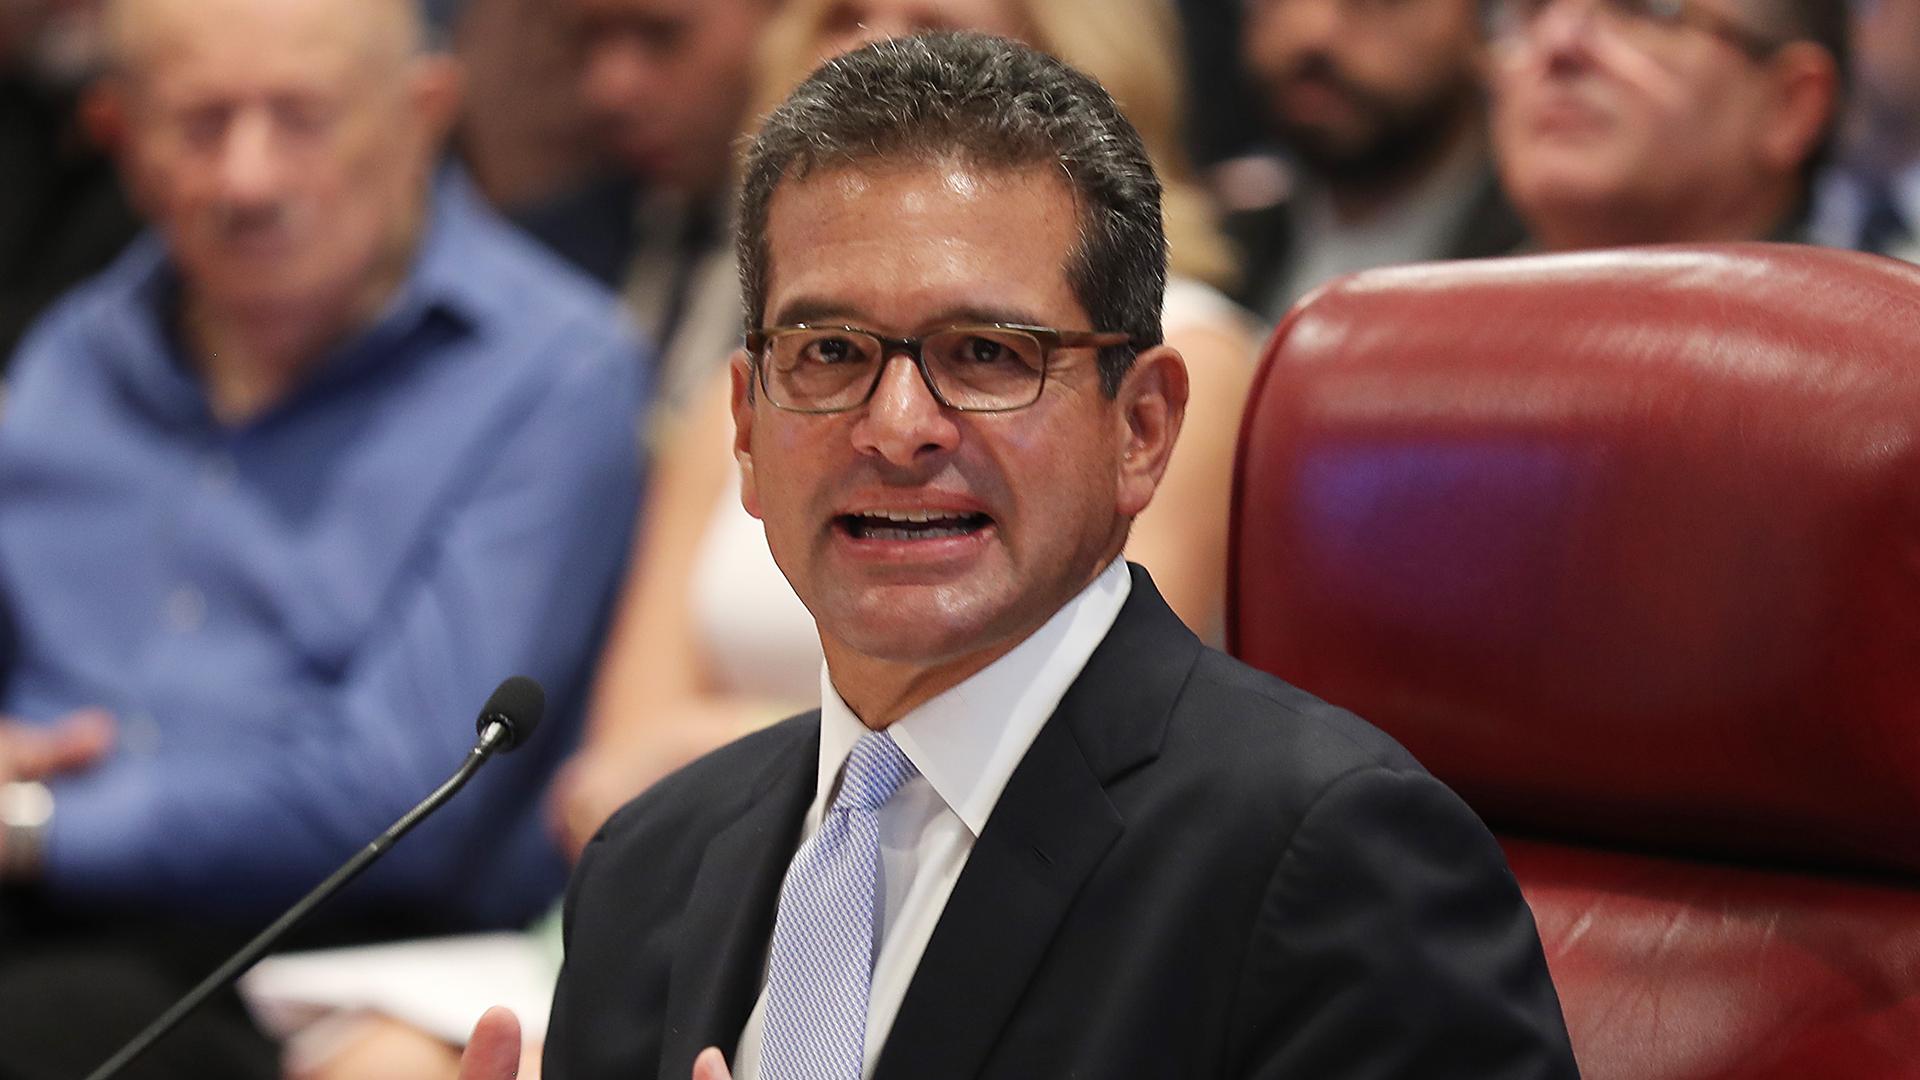 Entrenadora personal alega que sufrió hostigamiento por parte de Pedro  Pierluisi | Univision Puerto Rico WLII | Univision